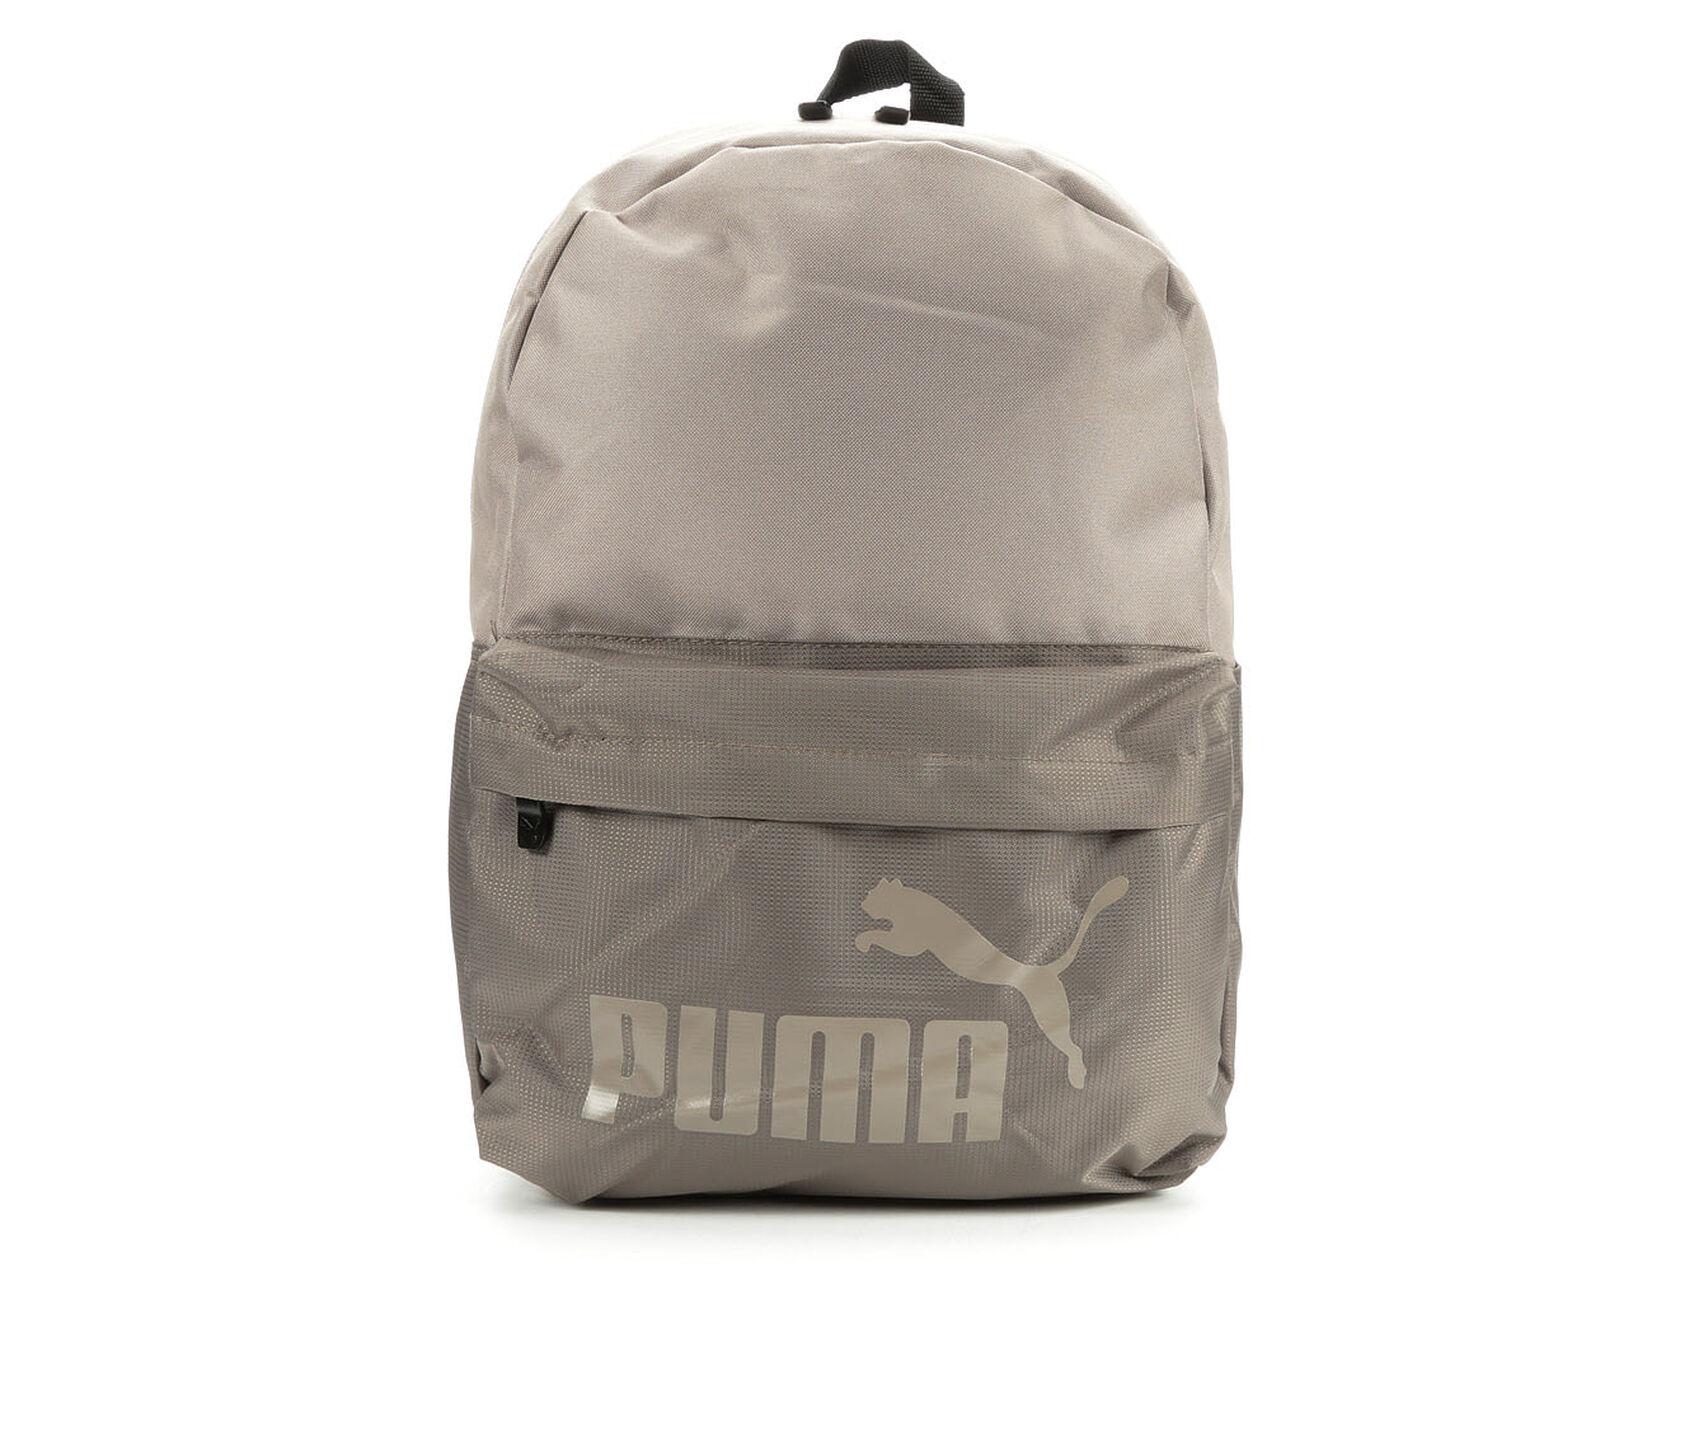 e2b488547a Puma Lifeline Backpack